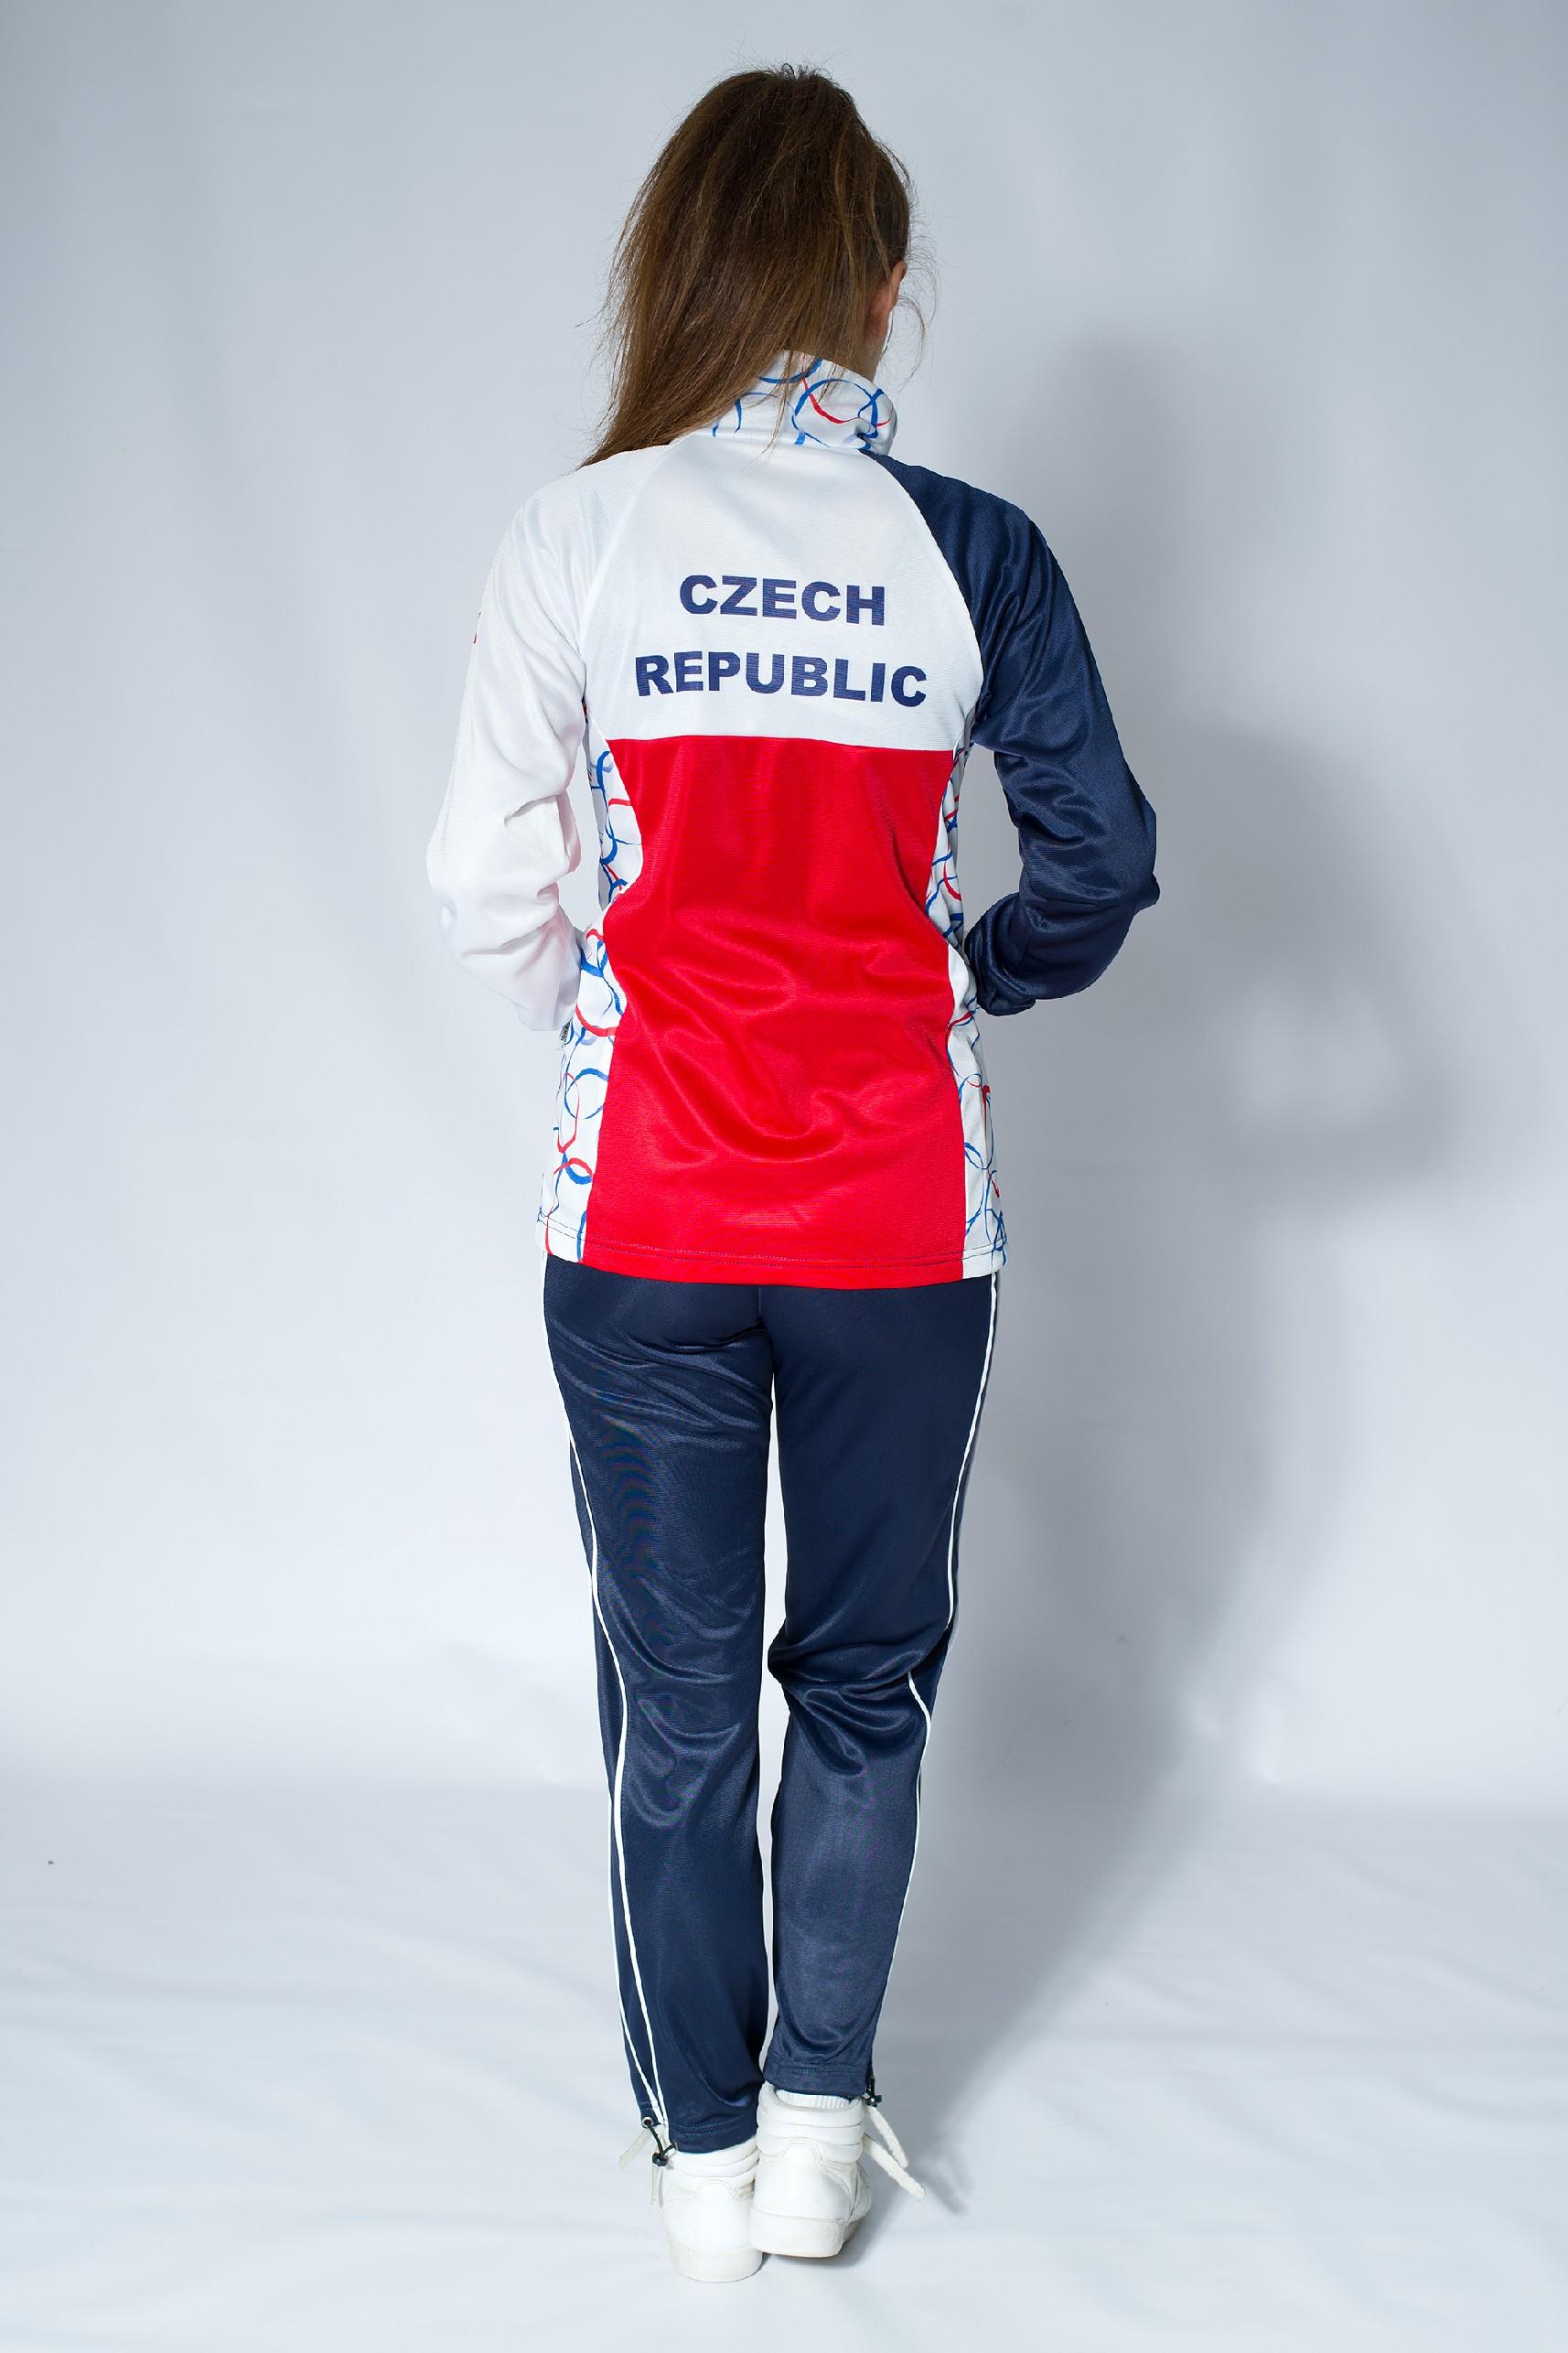 Teamové oblečení pro všechny sporty